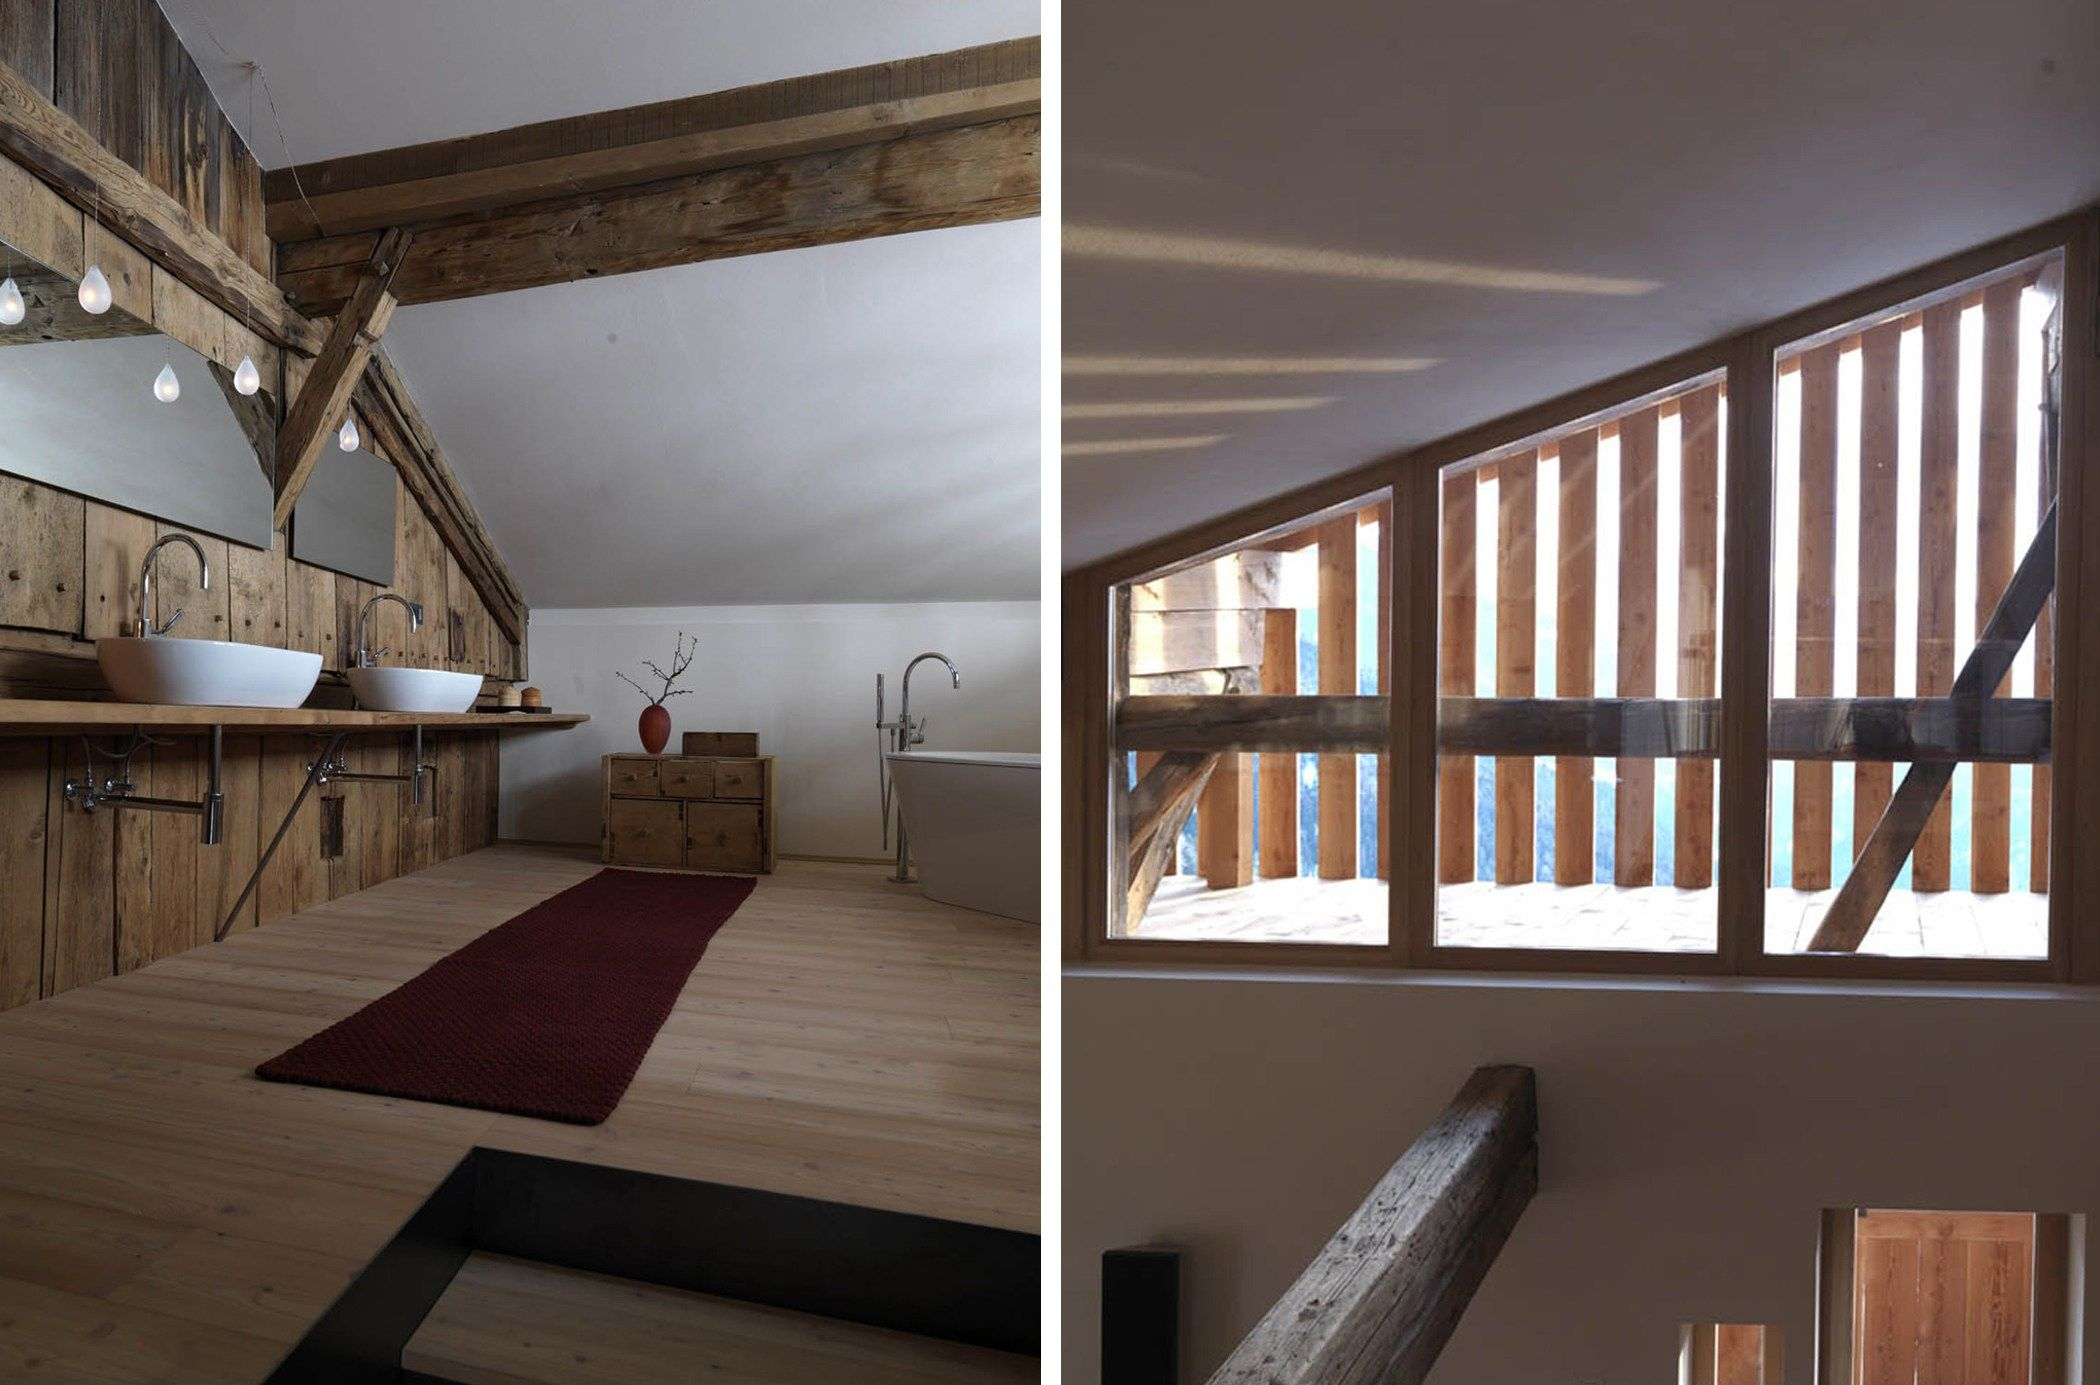 Studio Settari Interior Design Architecture Bozen Italy